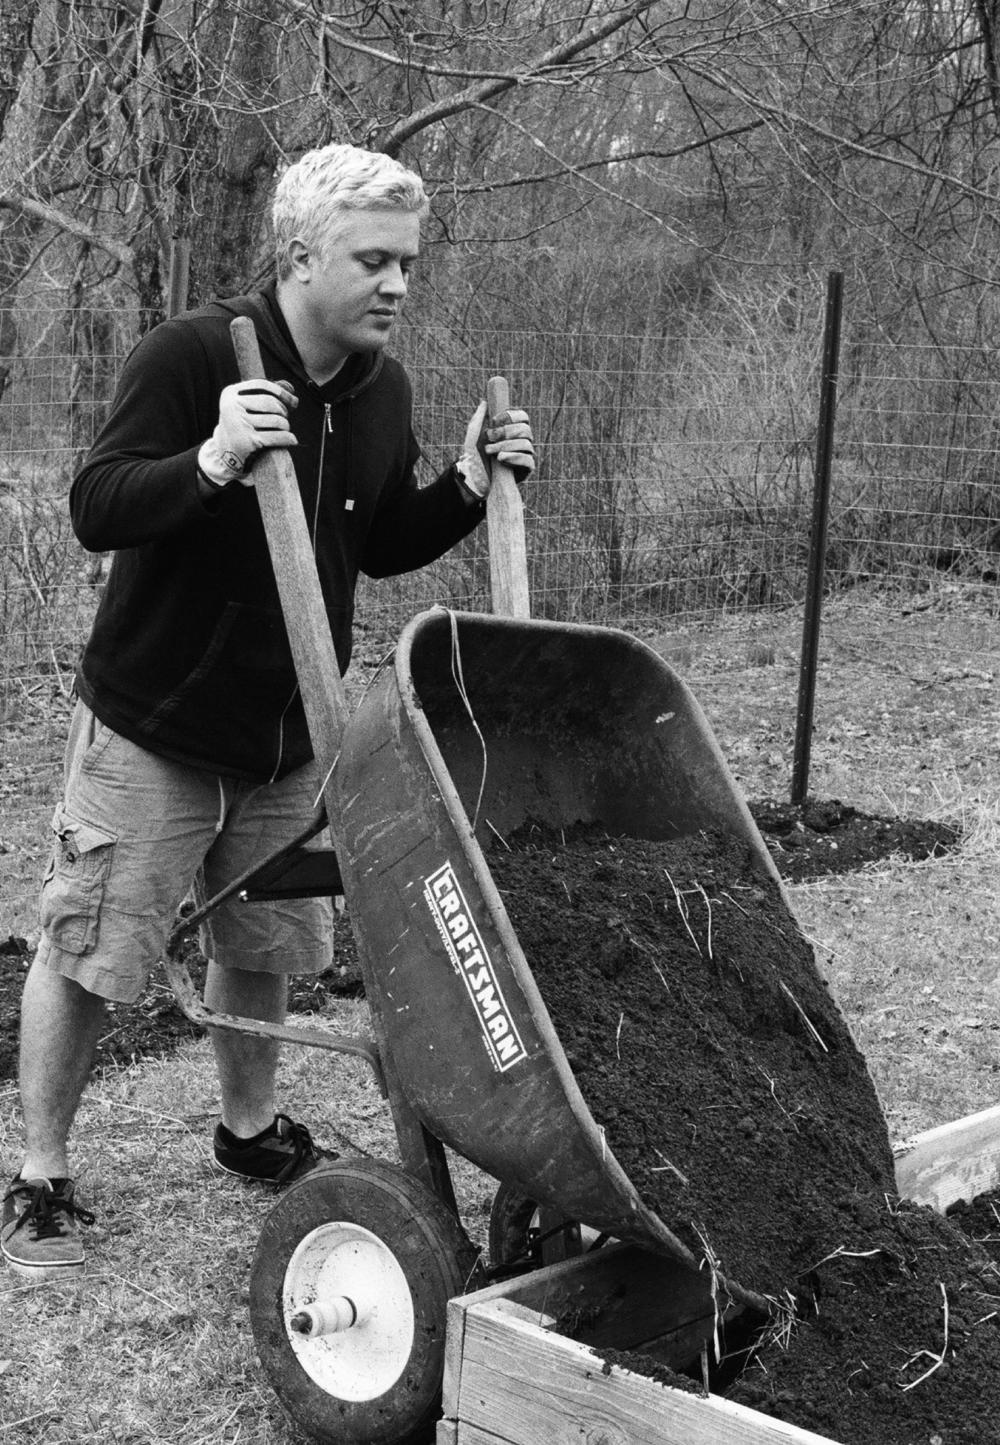 alex dumping dirt.jpg